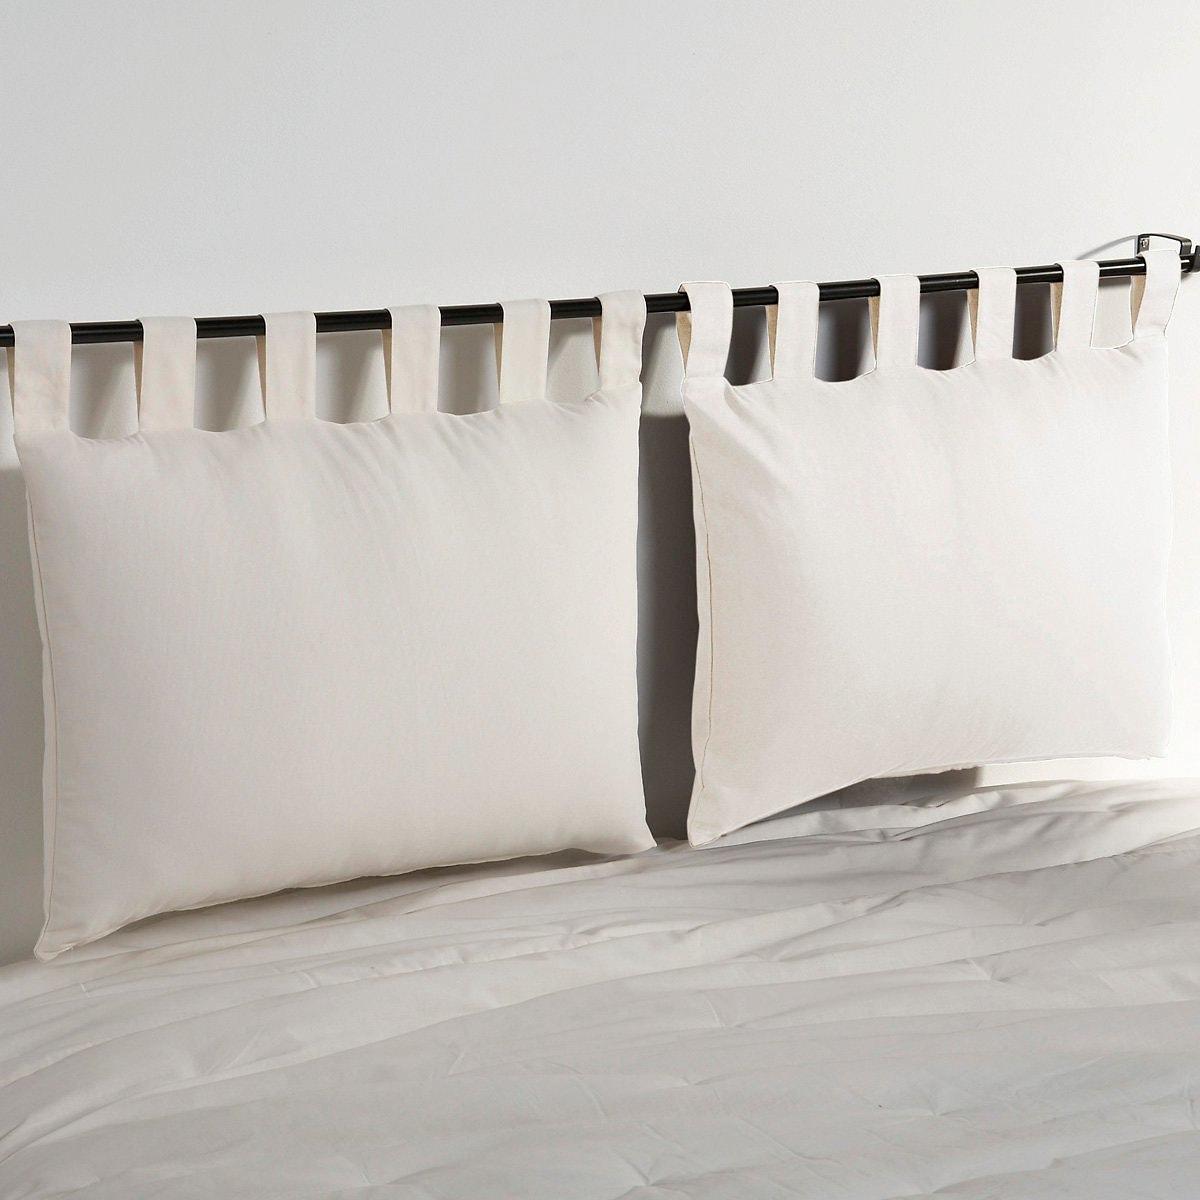 Κάλυμμα για κεφαλάρι κρεβατιού (σετ των 2) σπιτι   κρεβατοκάμαρα   προστατευτικά καλύμματα